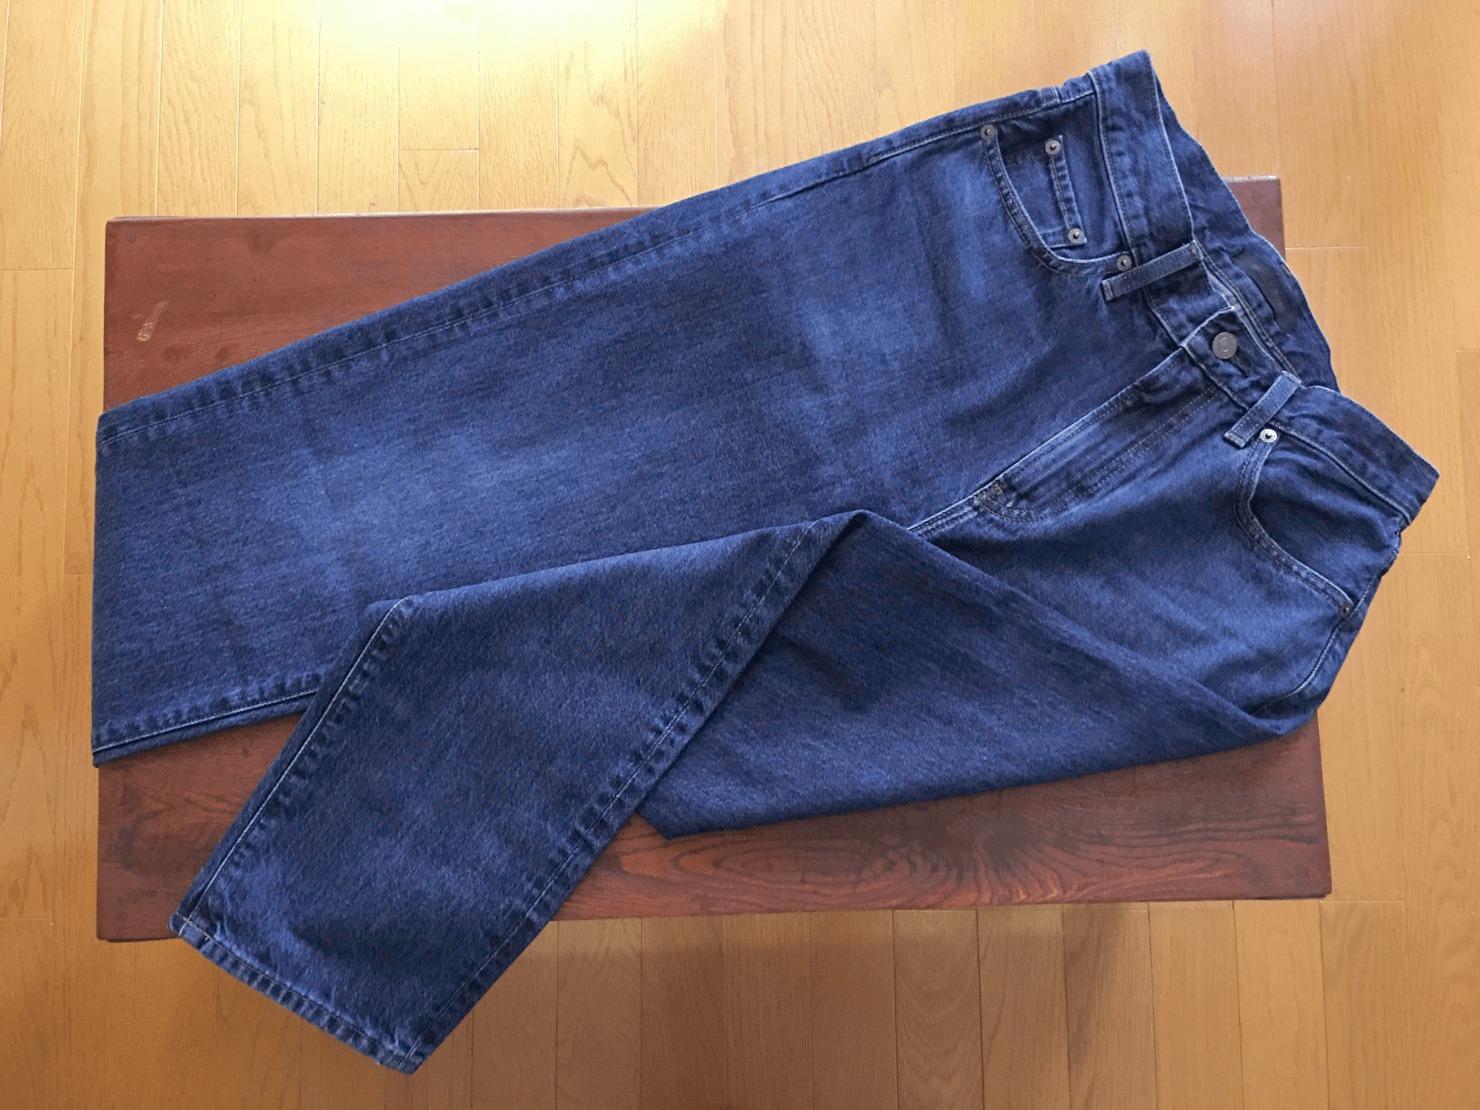 メンズのレギュラーフィットジーンズの写真